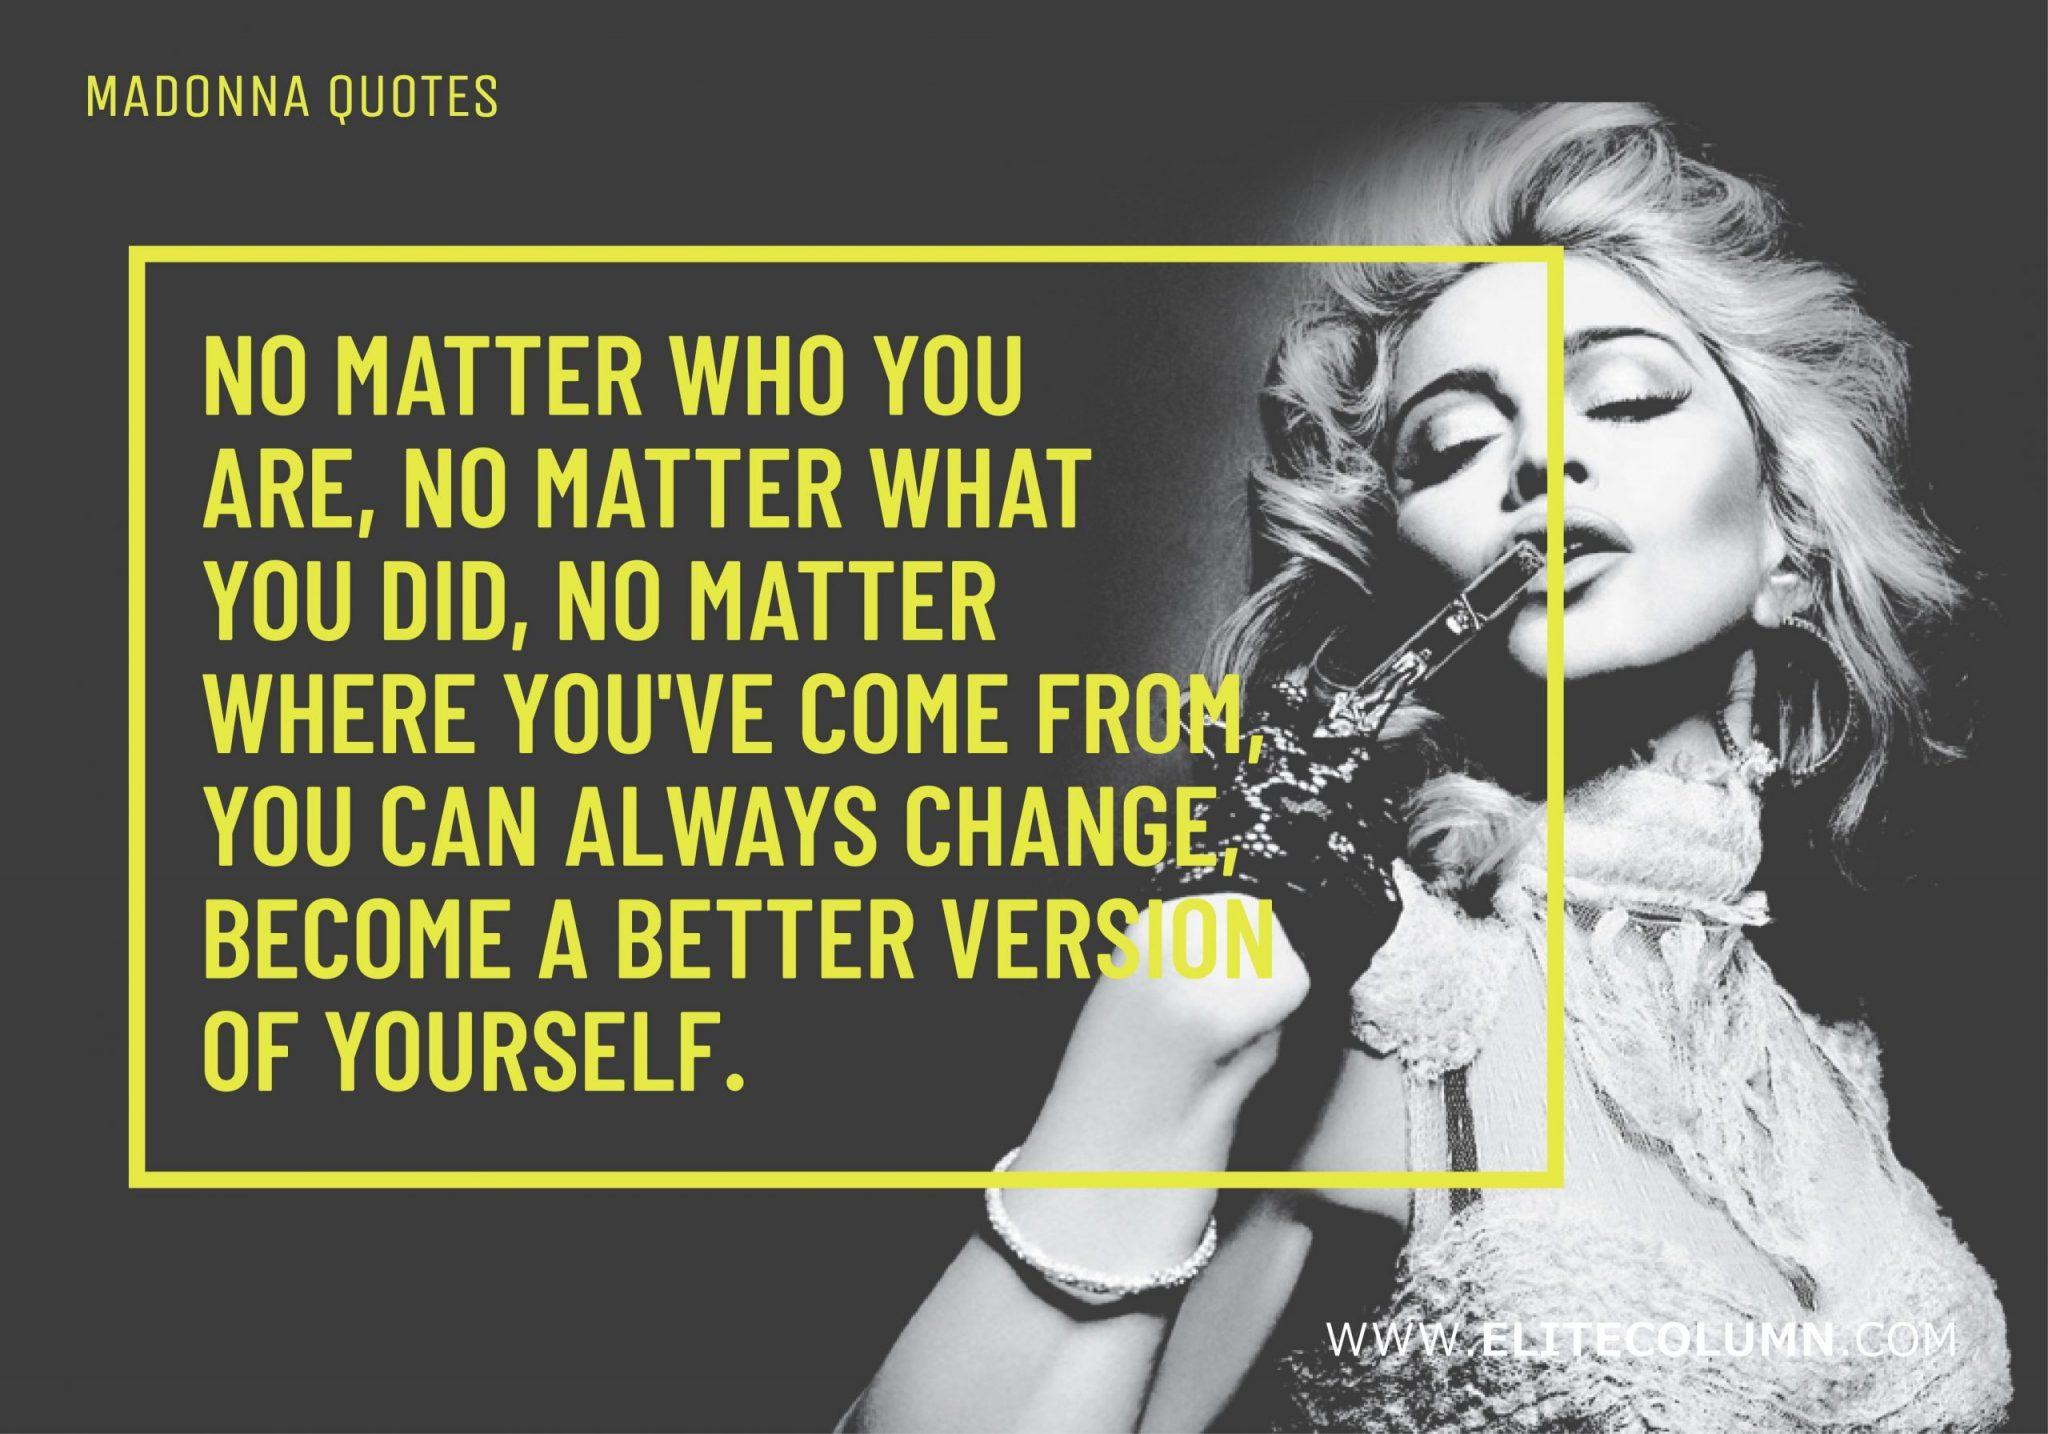 Madonna Quotes (11)